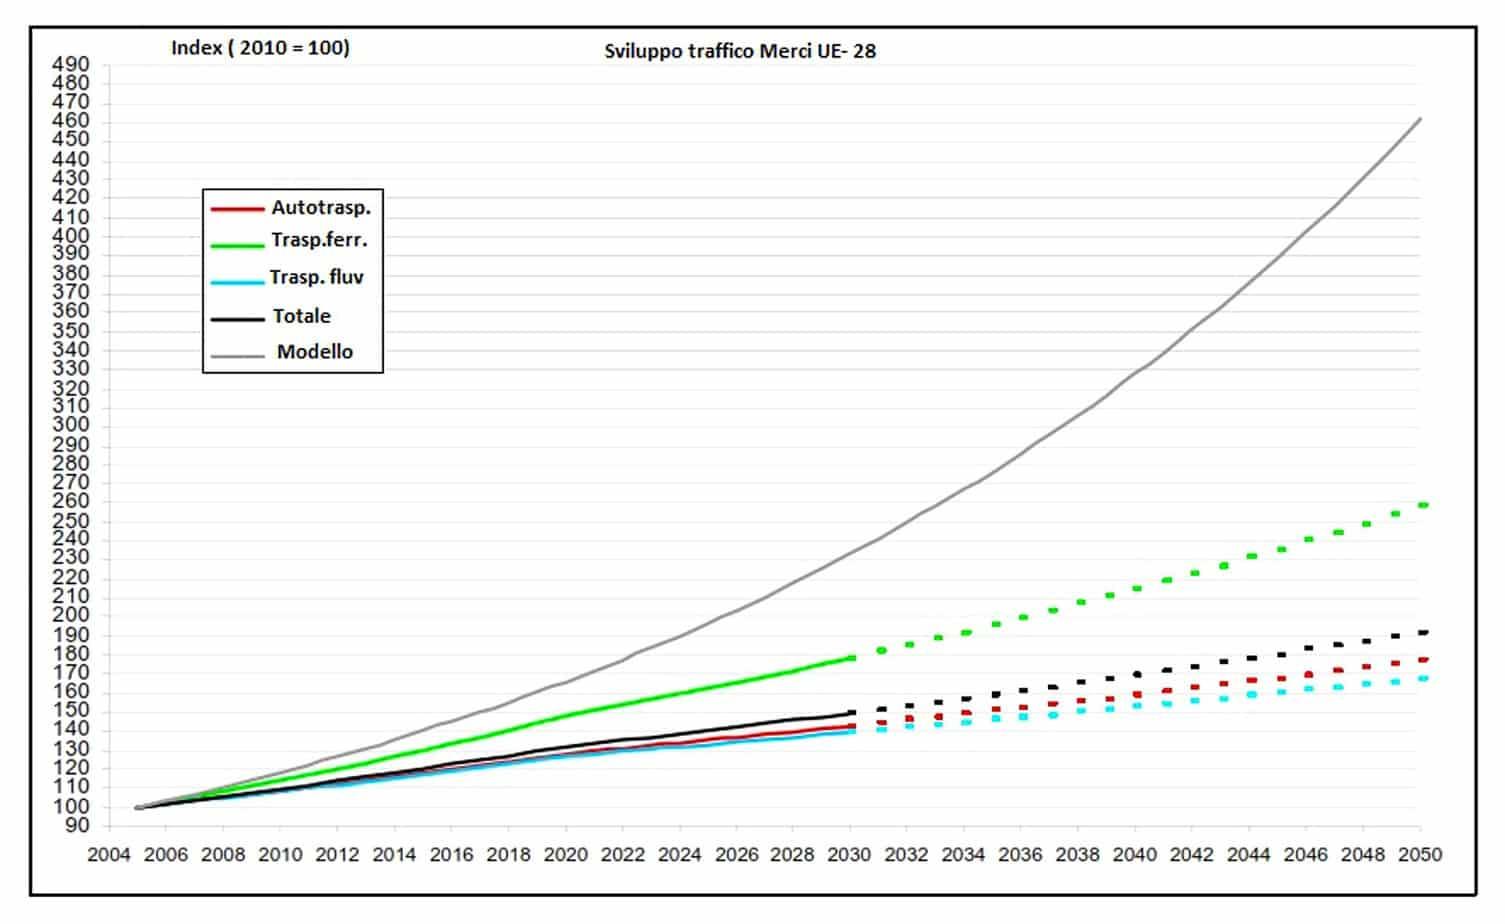 Lo sviluppo del traffico merci previsto nell'UE